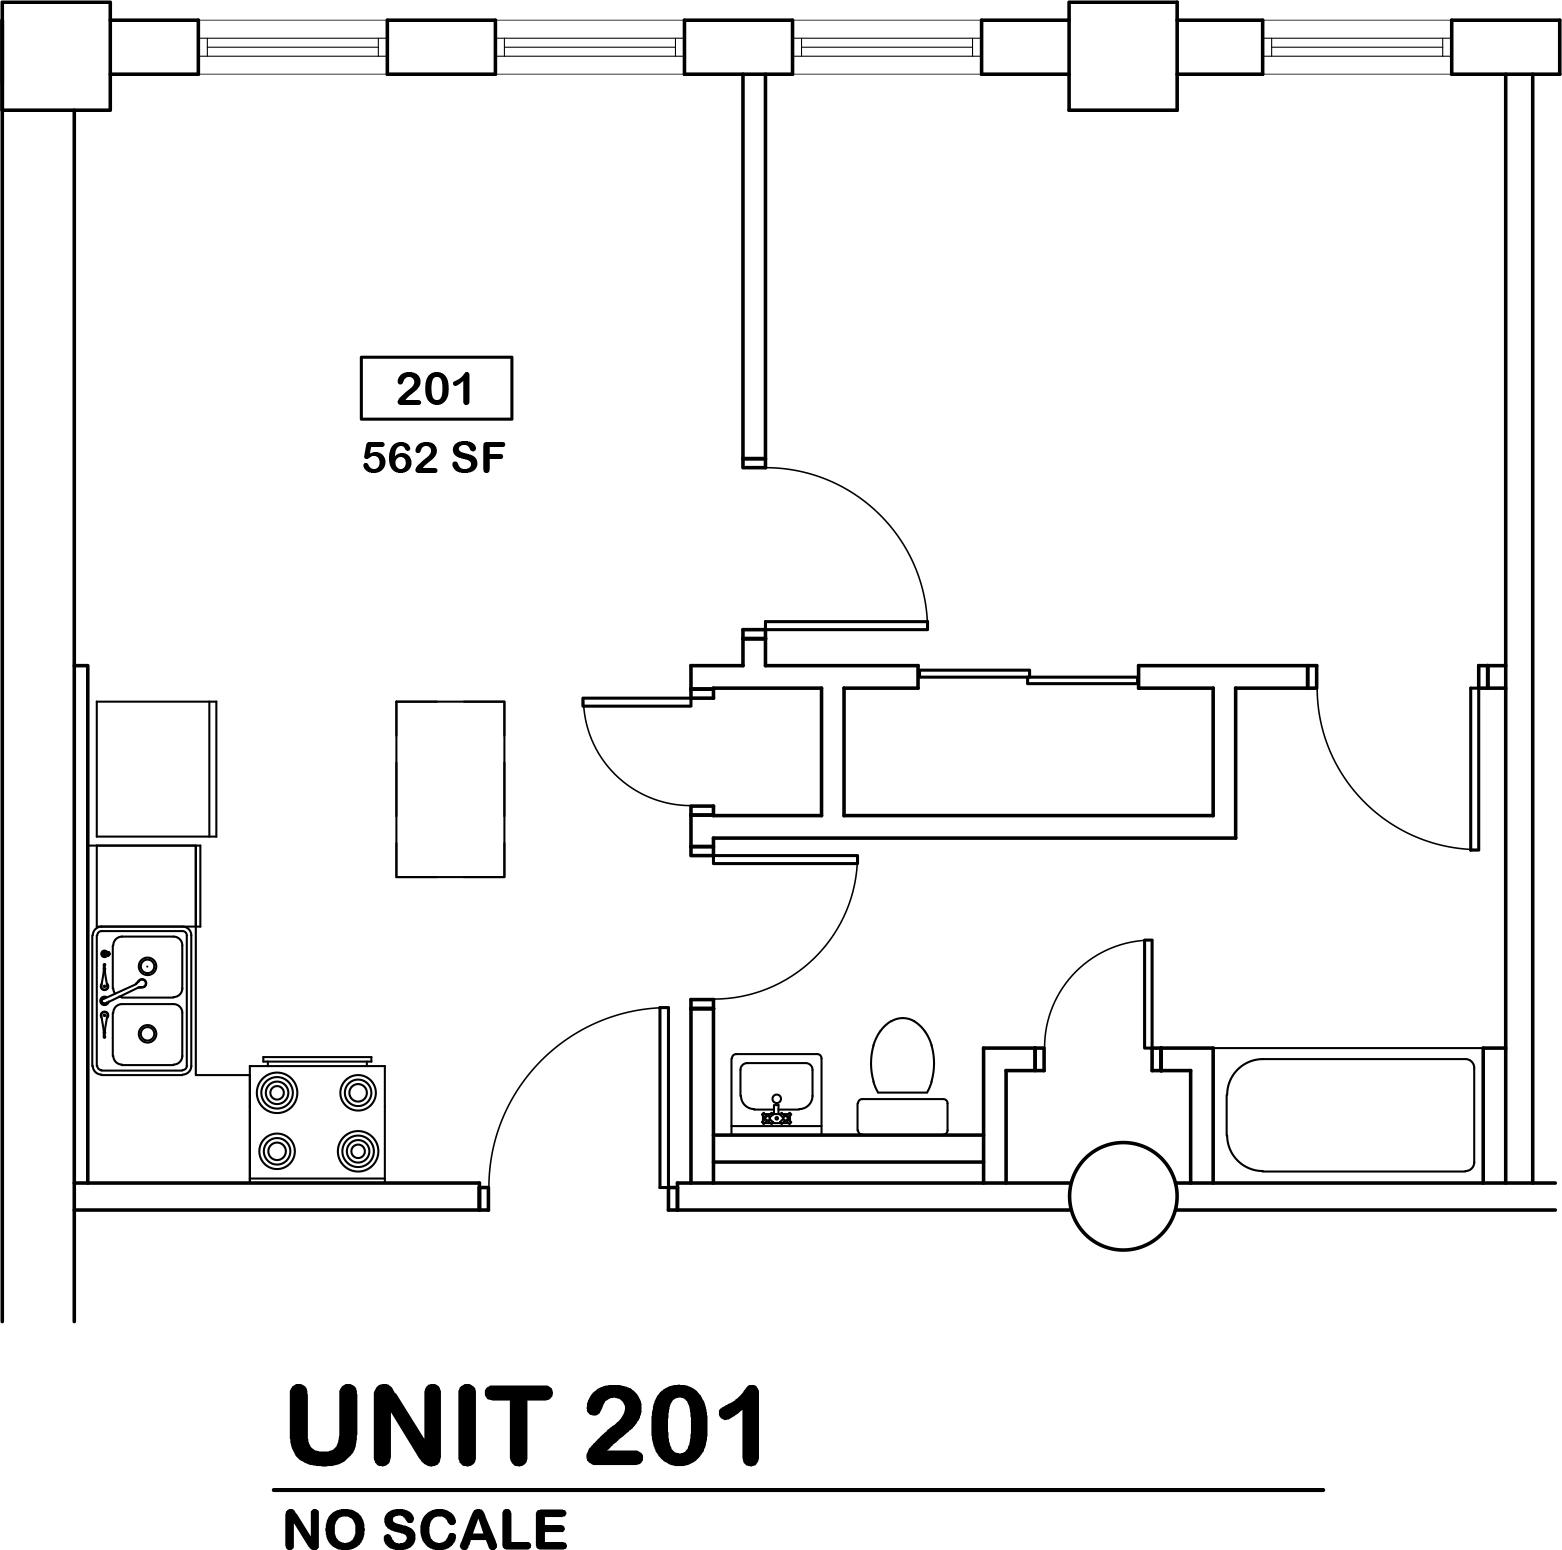 1 bed / 1 bath $695 / 562 sq ft